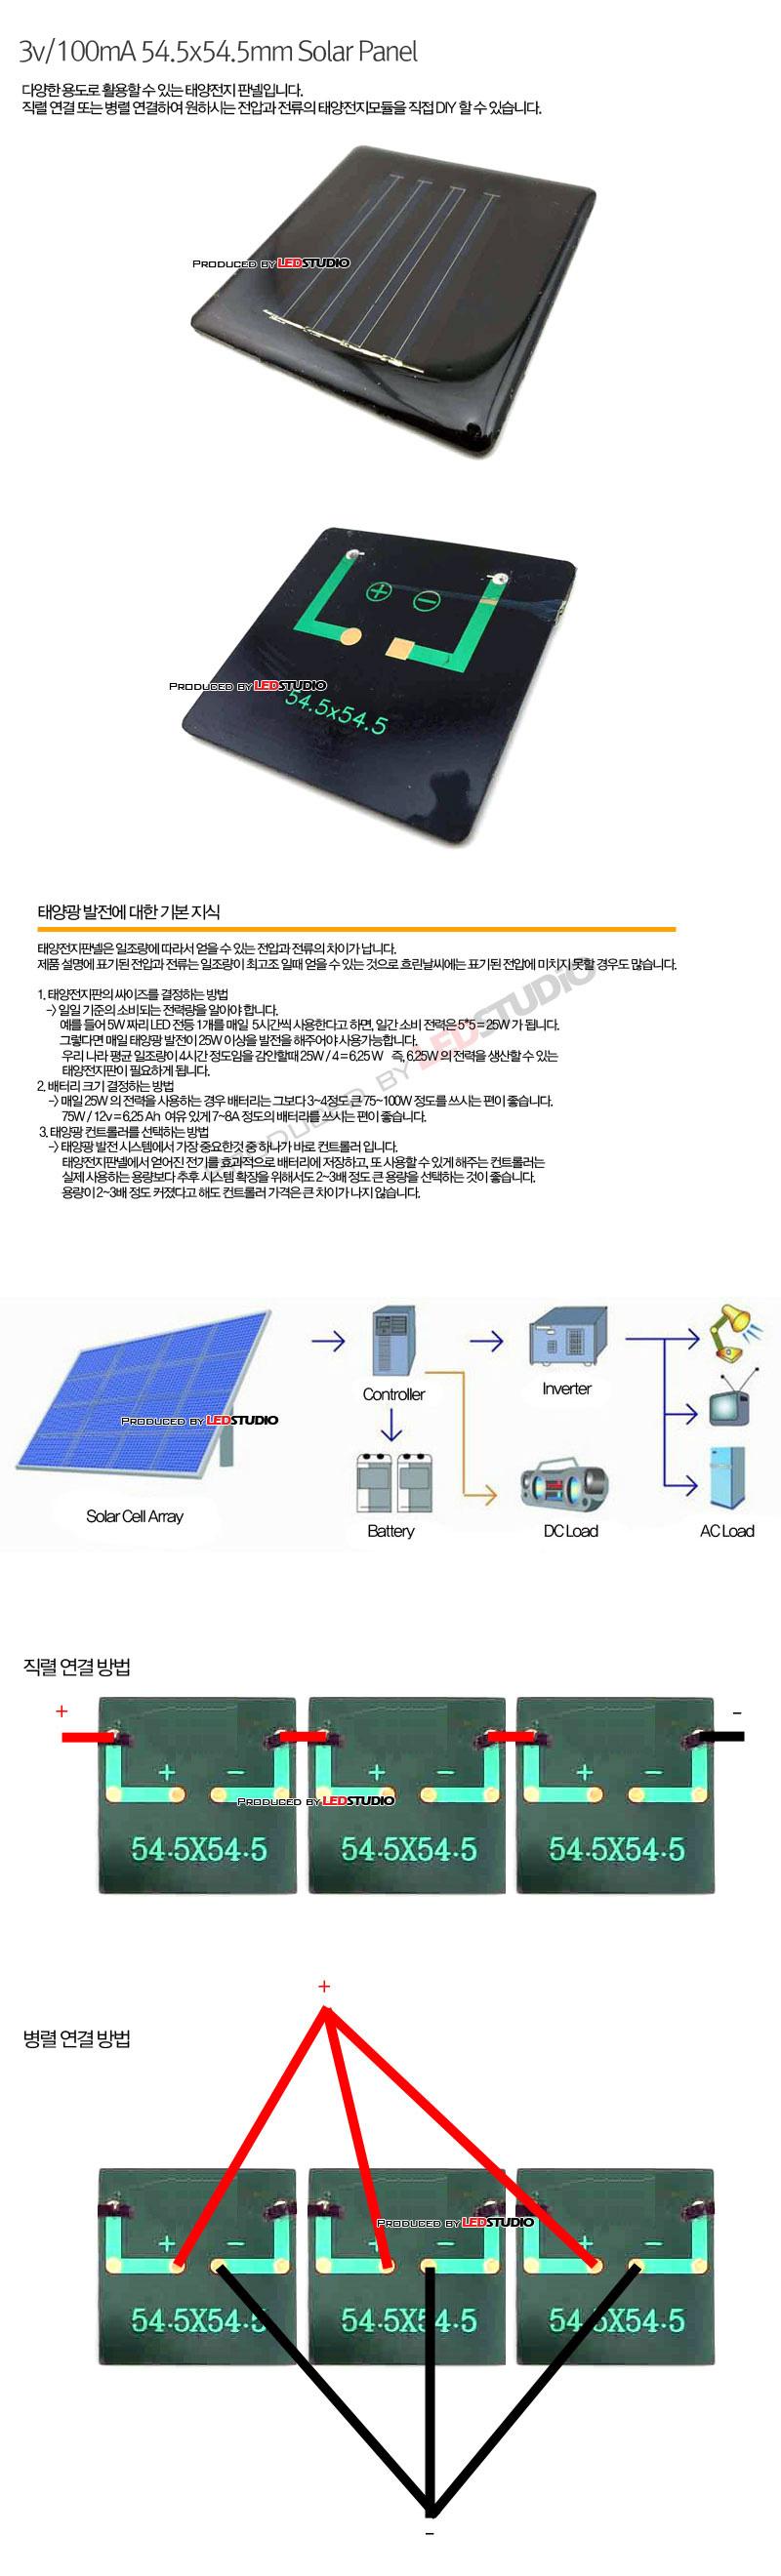 DIY용 태양전지판넬 - 3v 100mA  54.5x54.5mm